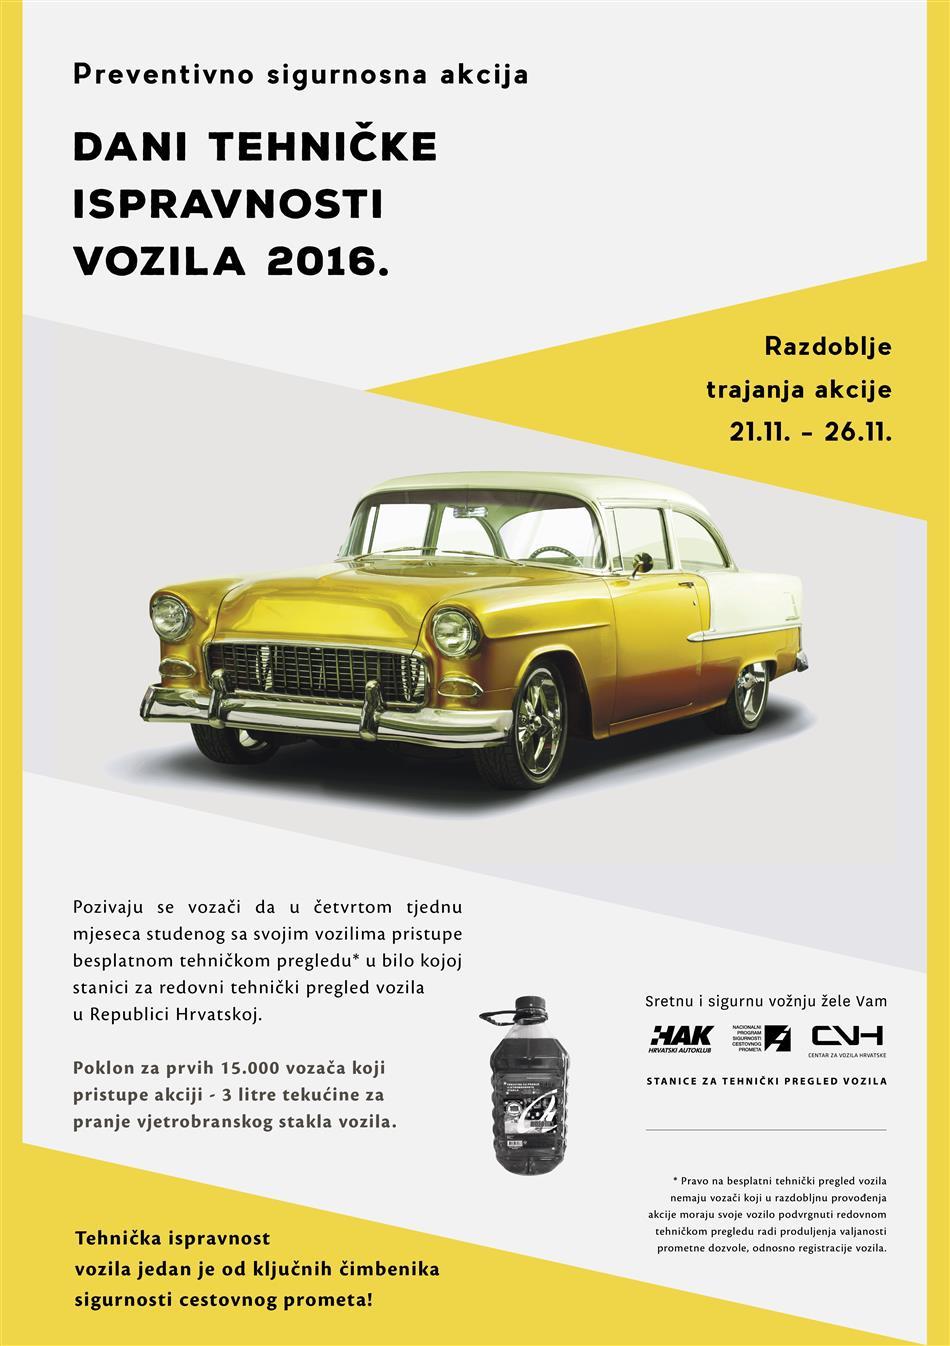 Dani tehničke ispravnosti vozila 2016.